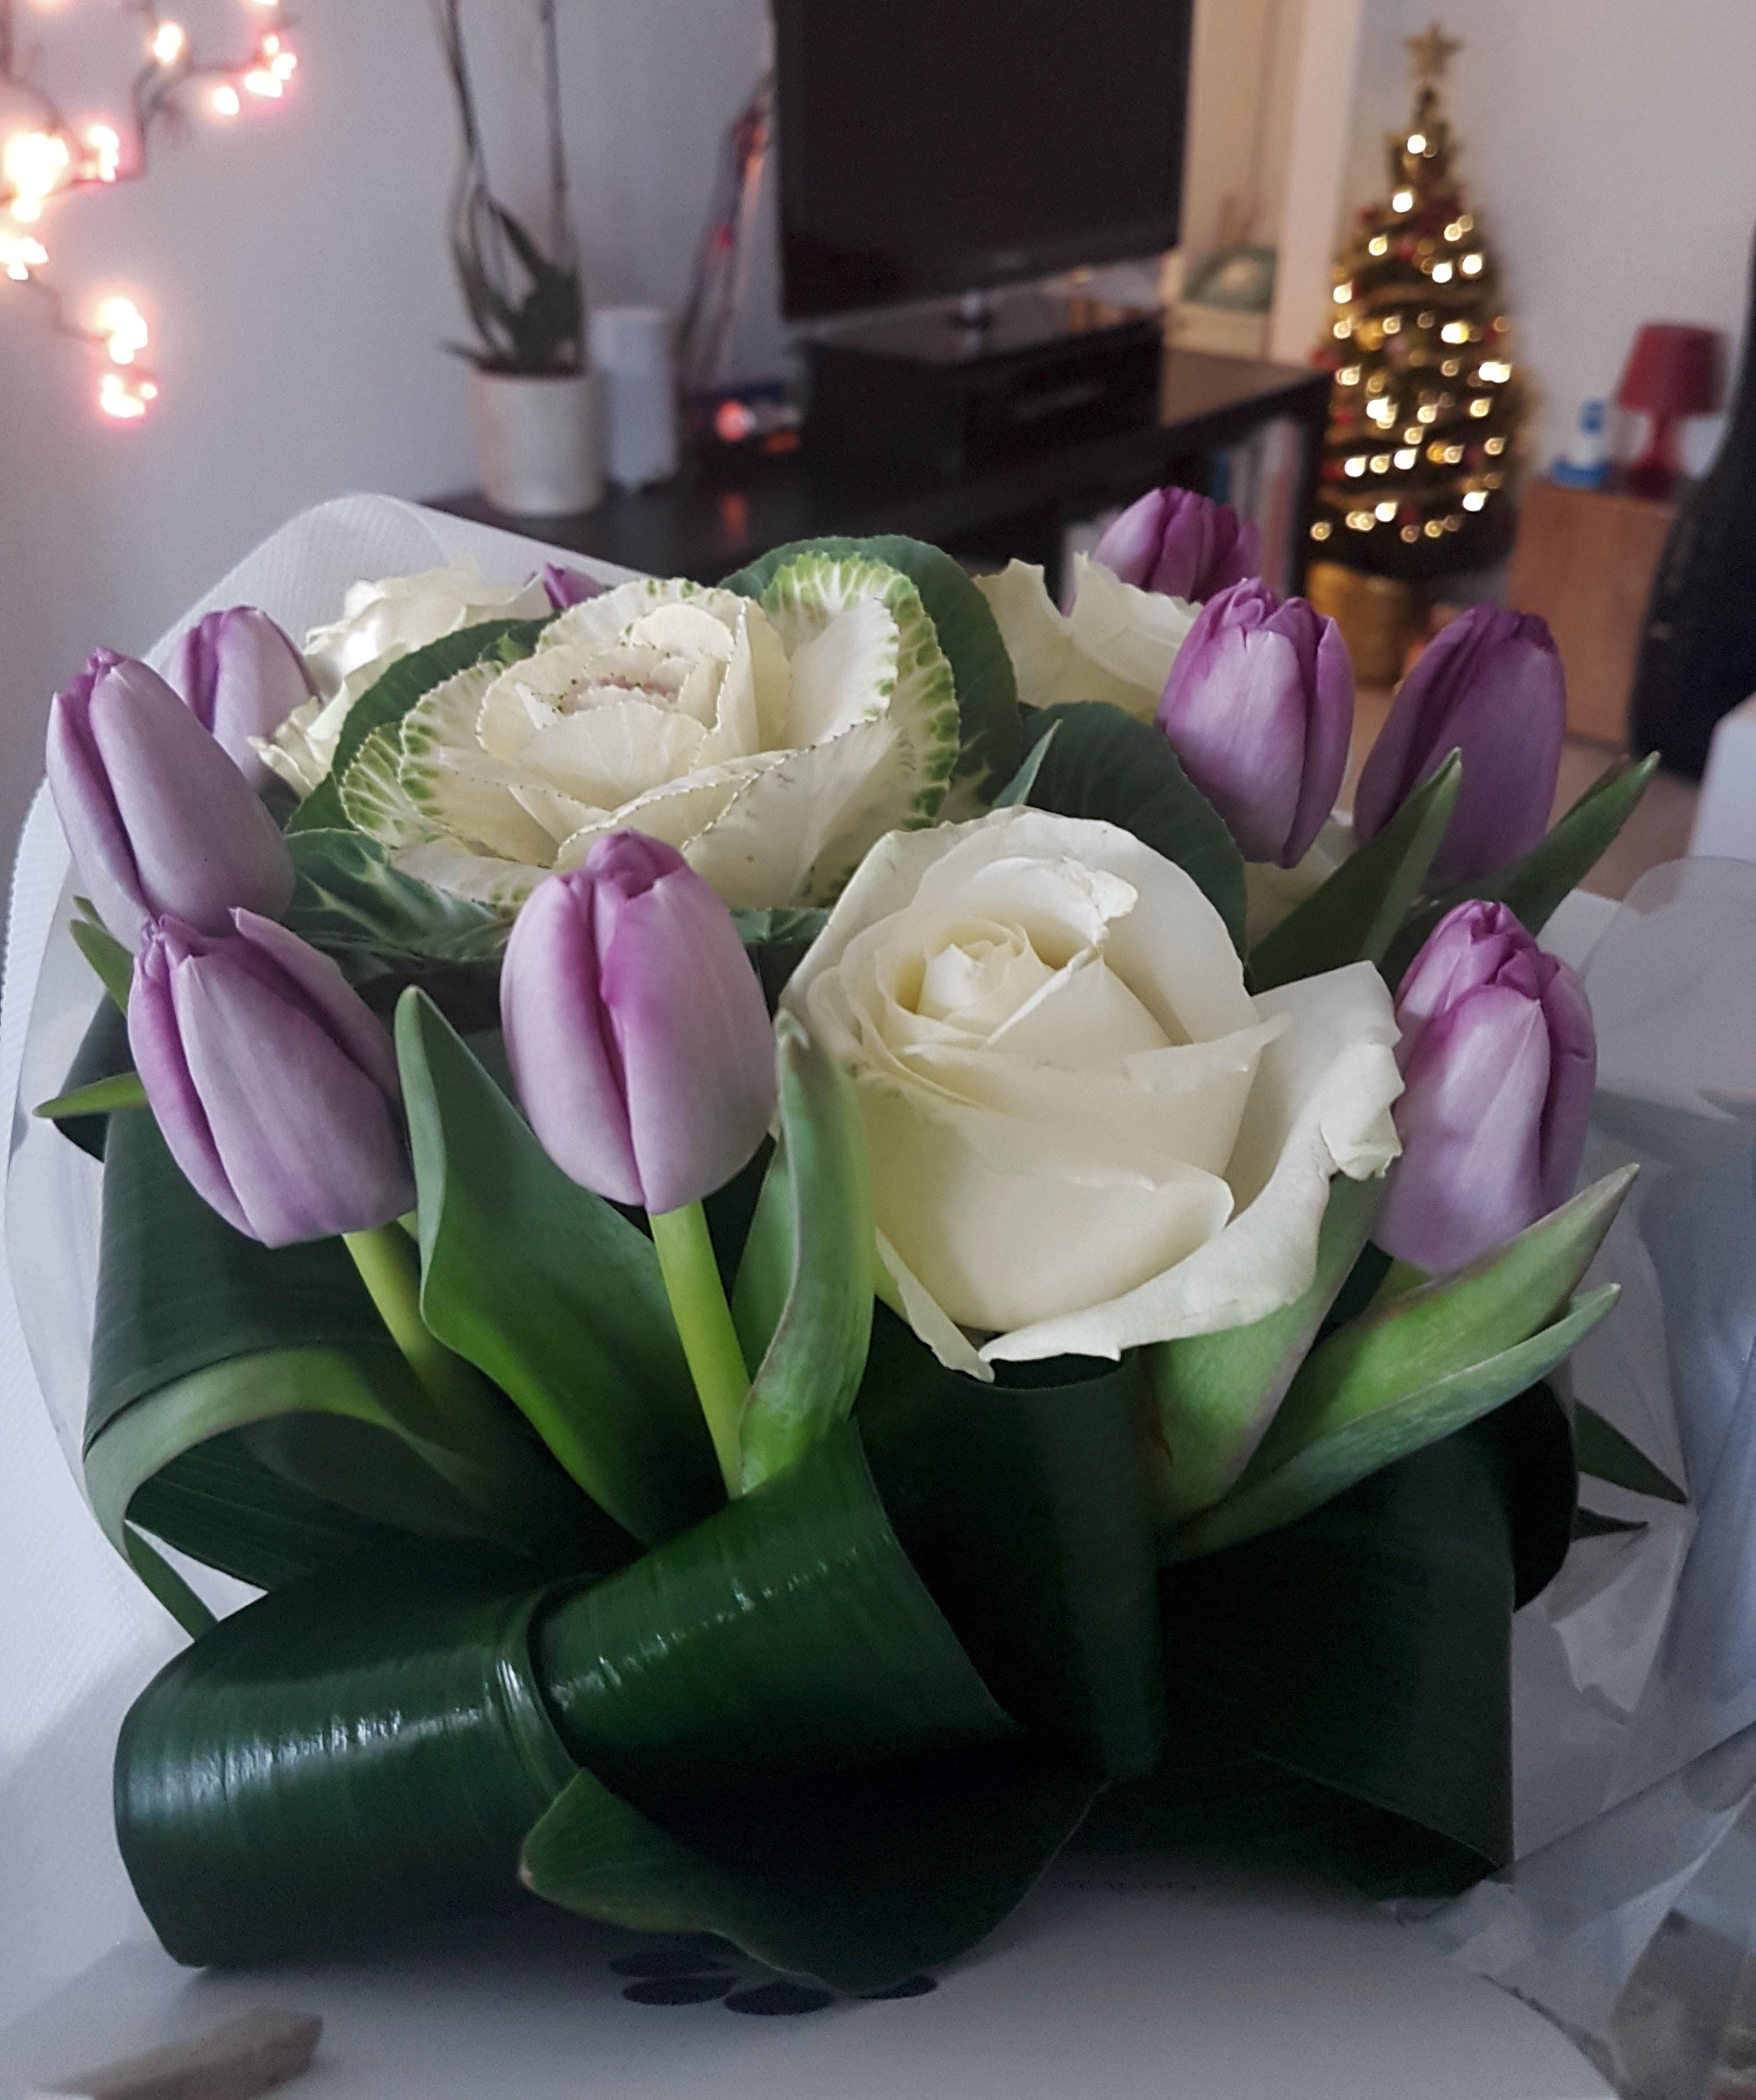 Bloovery, il chatbot per inviare fiori online a Milano e dintorni